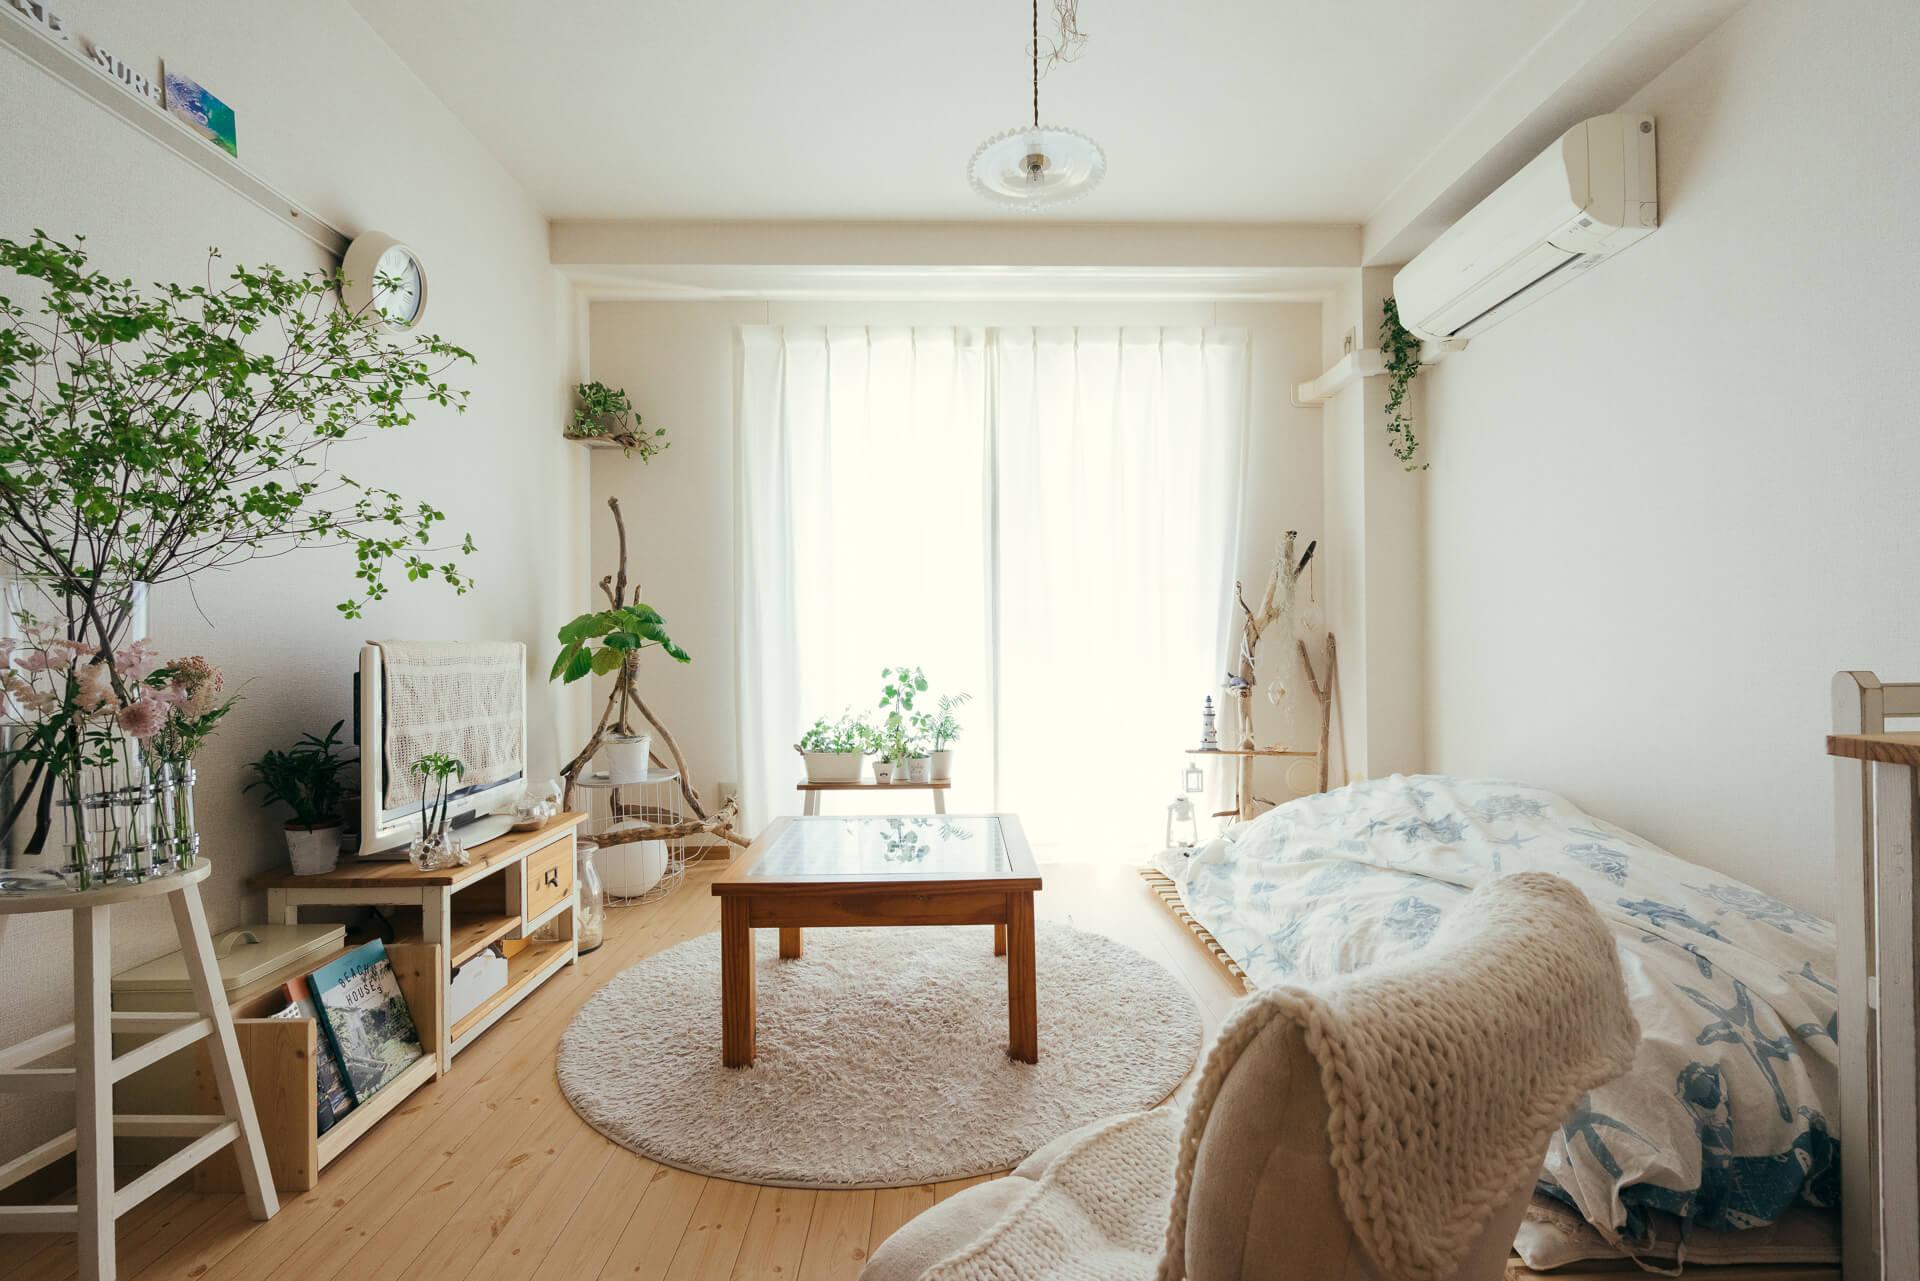 まだまだ梅雨の季節が続きますが、どんよりとしがちな室内で、緑の力を借りて爽やかに、明るく過ごせますように。ぜひいろいろな種類を試してみてくださいね。(このお部屋はこちら)[/caption]